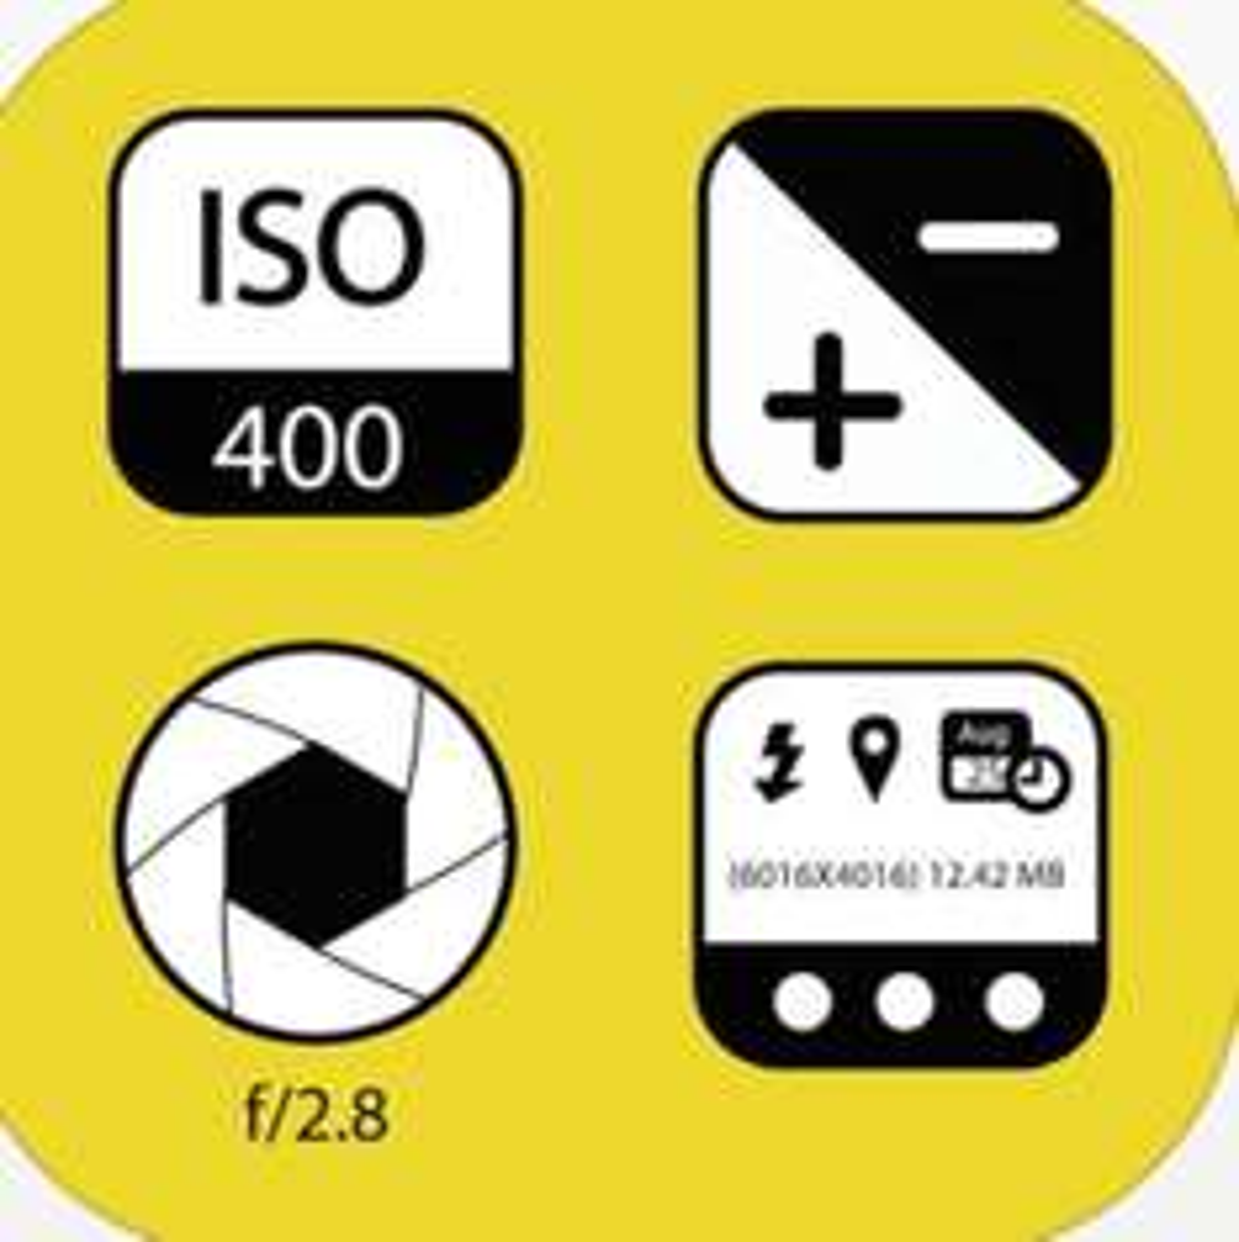 """[iOS] erneut kostenlos  """"EXIF Viewer - View, Remove GPS Metadata kostenlos statt 3,49€"""